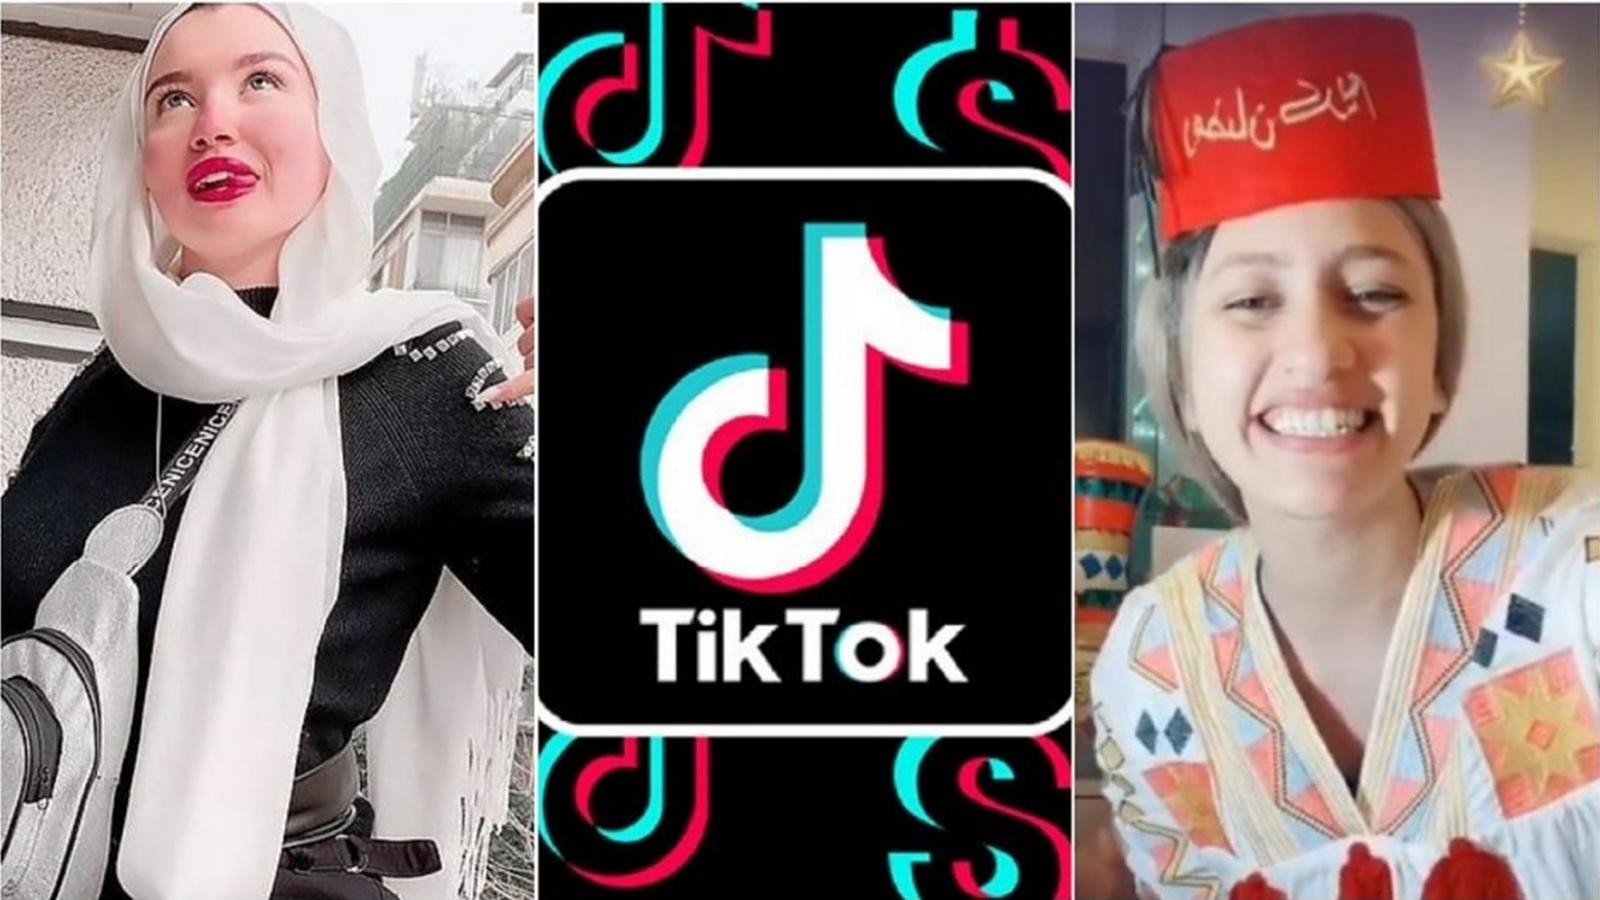 Ngôi sao TikTok Ai Cập nhận mức án 10 năm tù vì tội buôn người